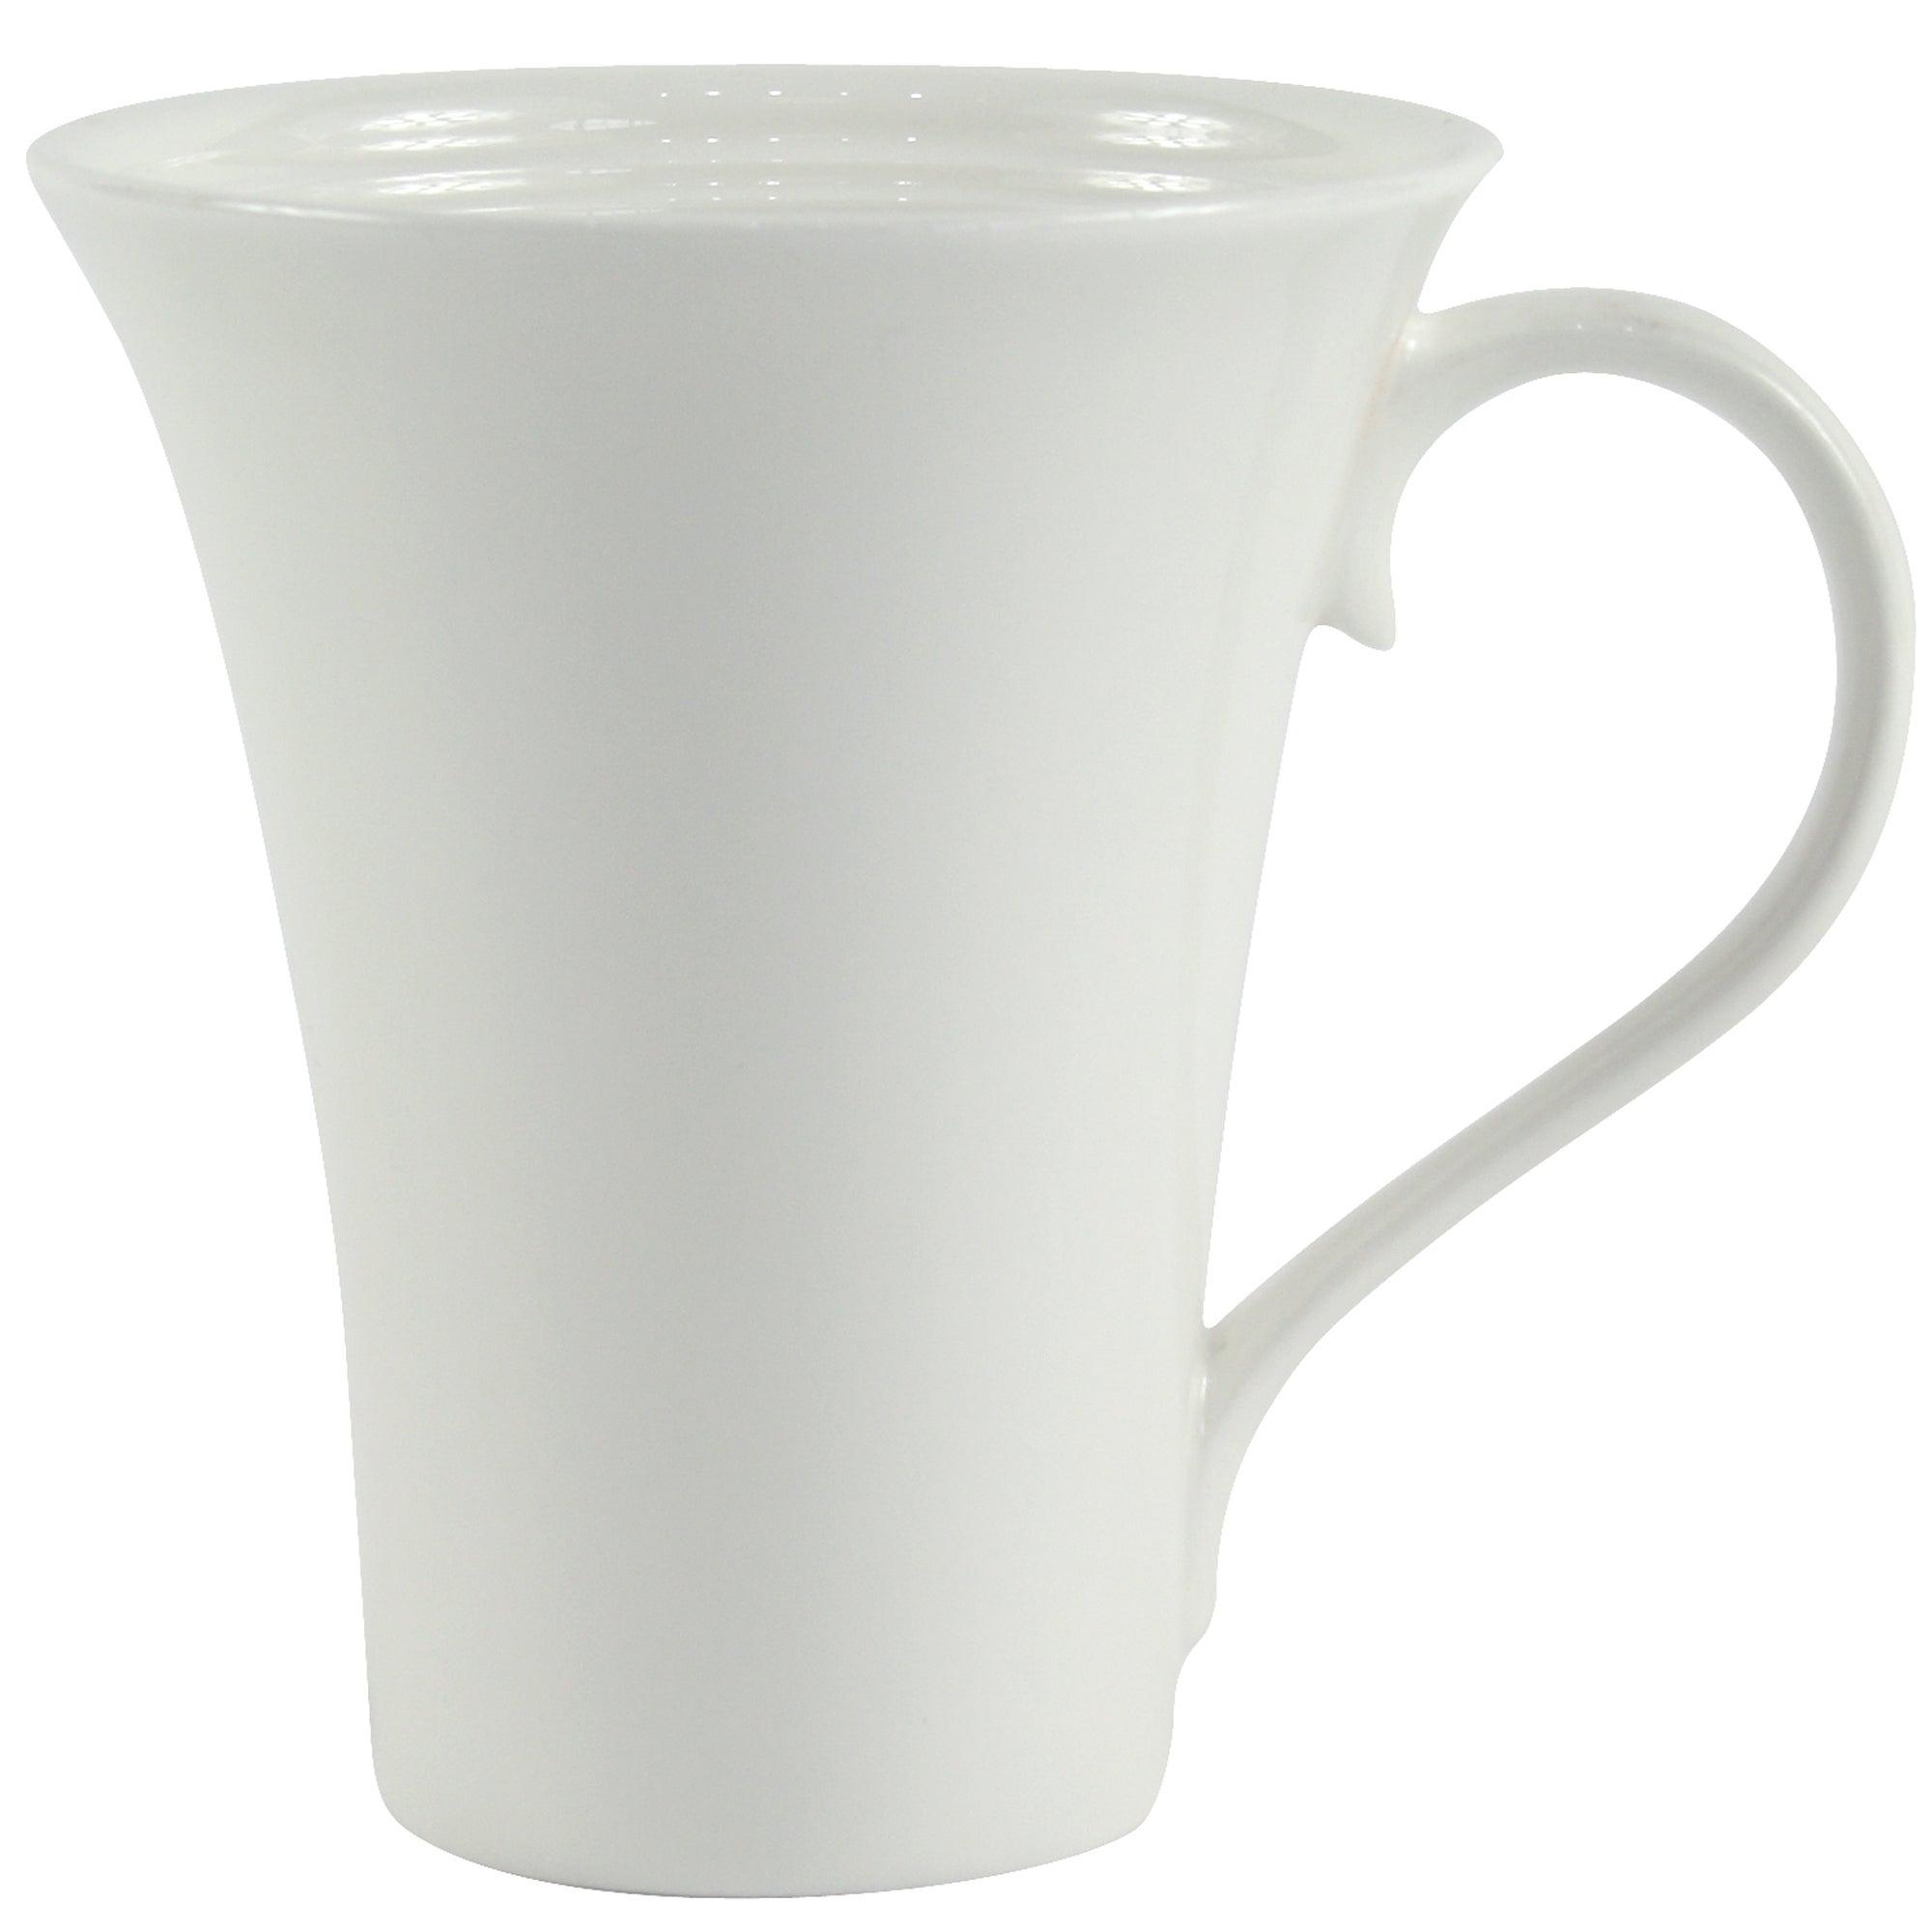 Dorma Windsor Mug